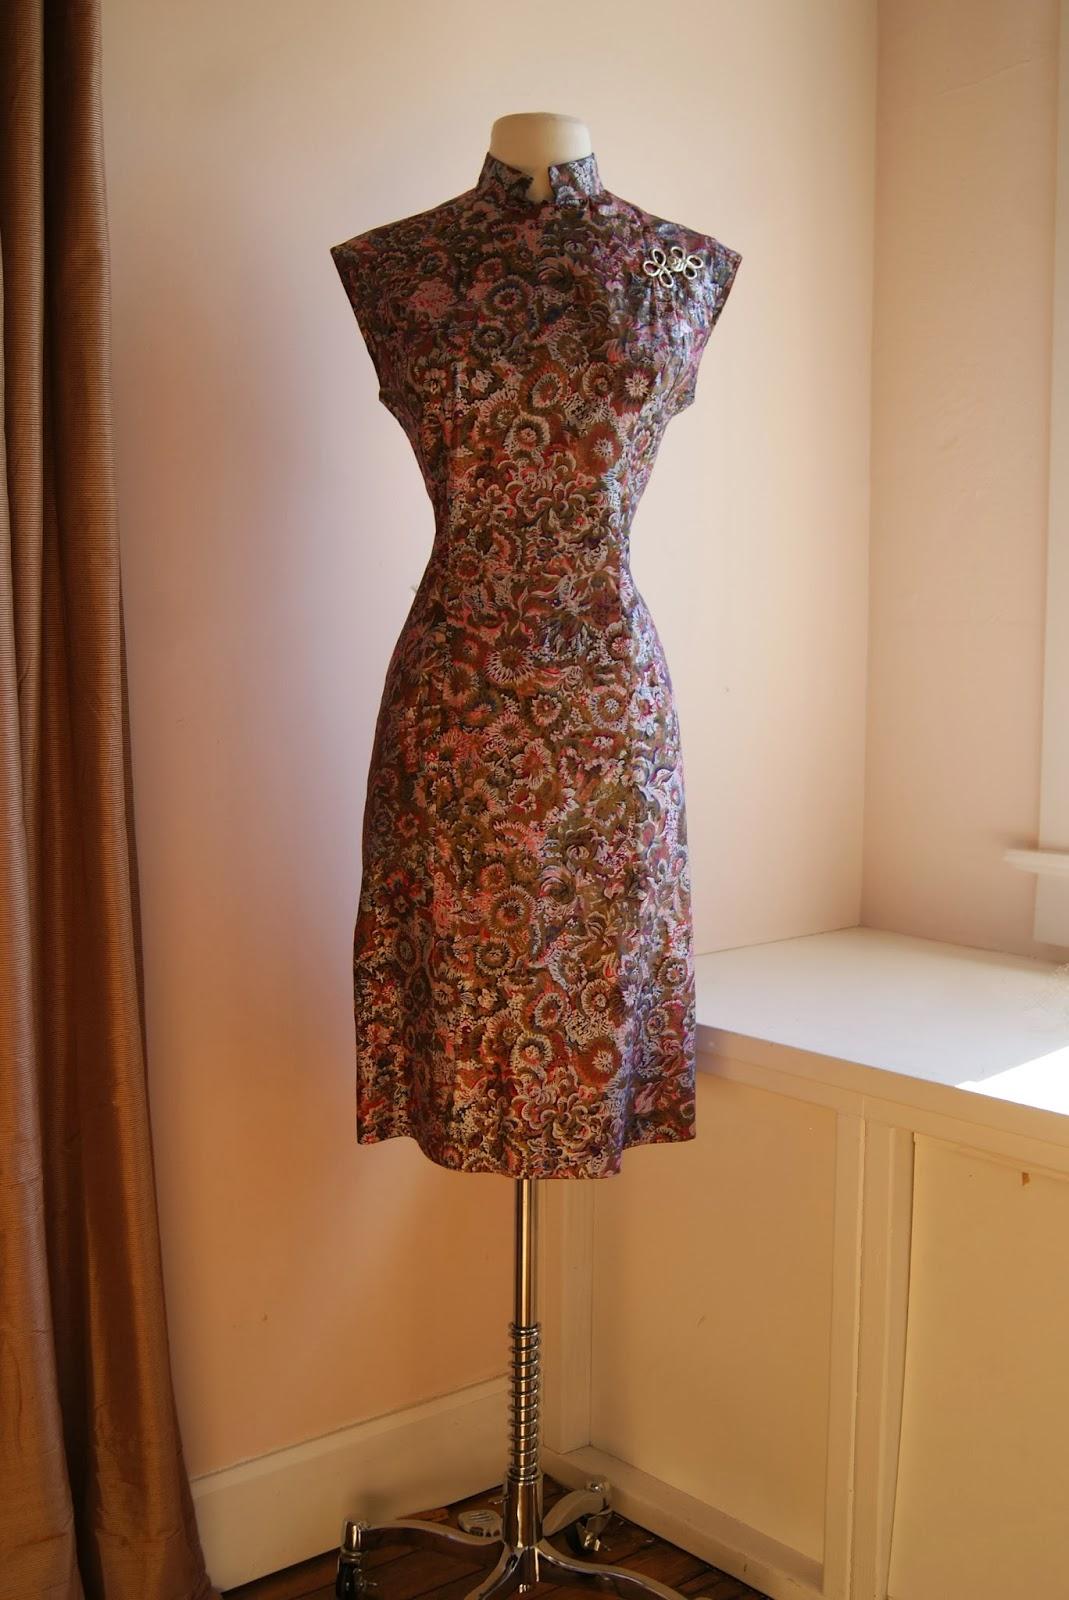 ff2d84d3553d Vintage 1950s Alfred Shaheen Cheongsam style metallic print dress, waist  30